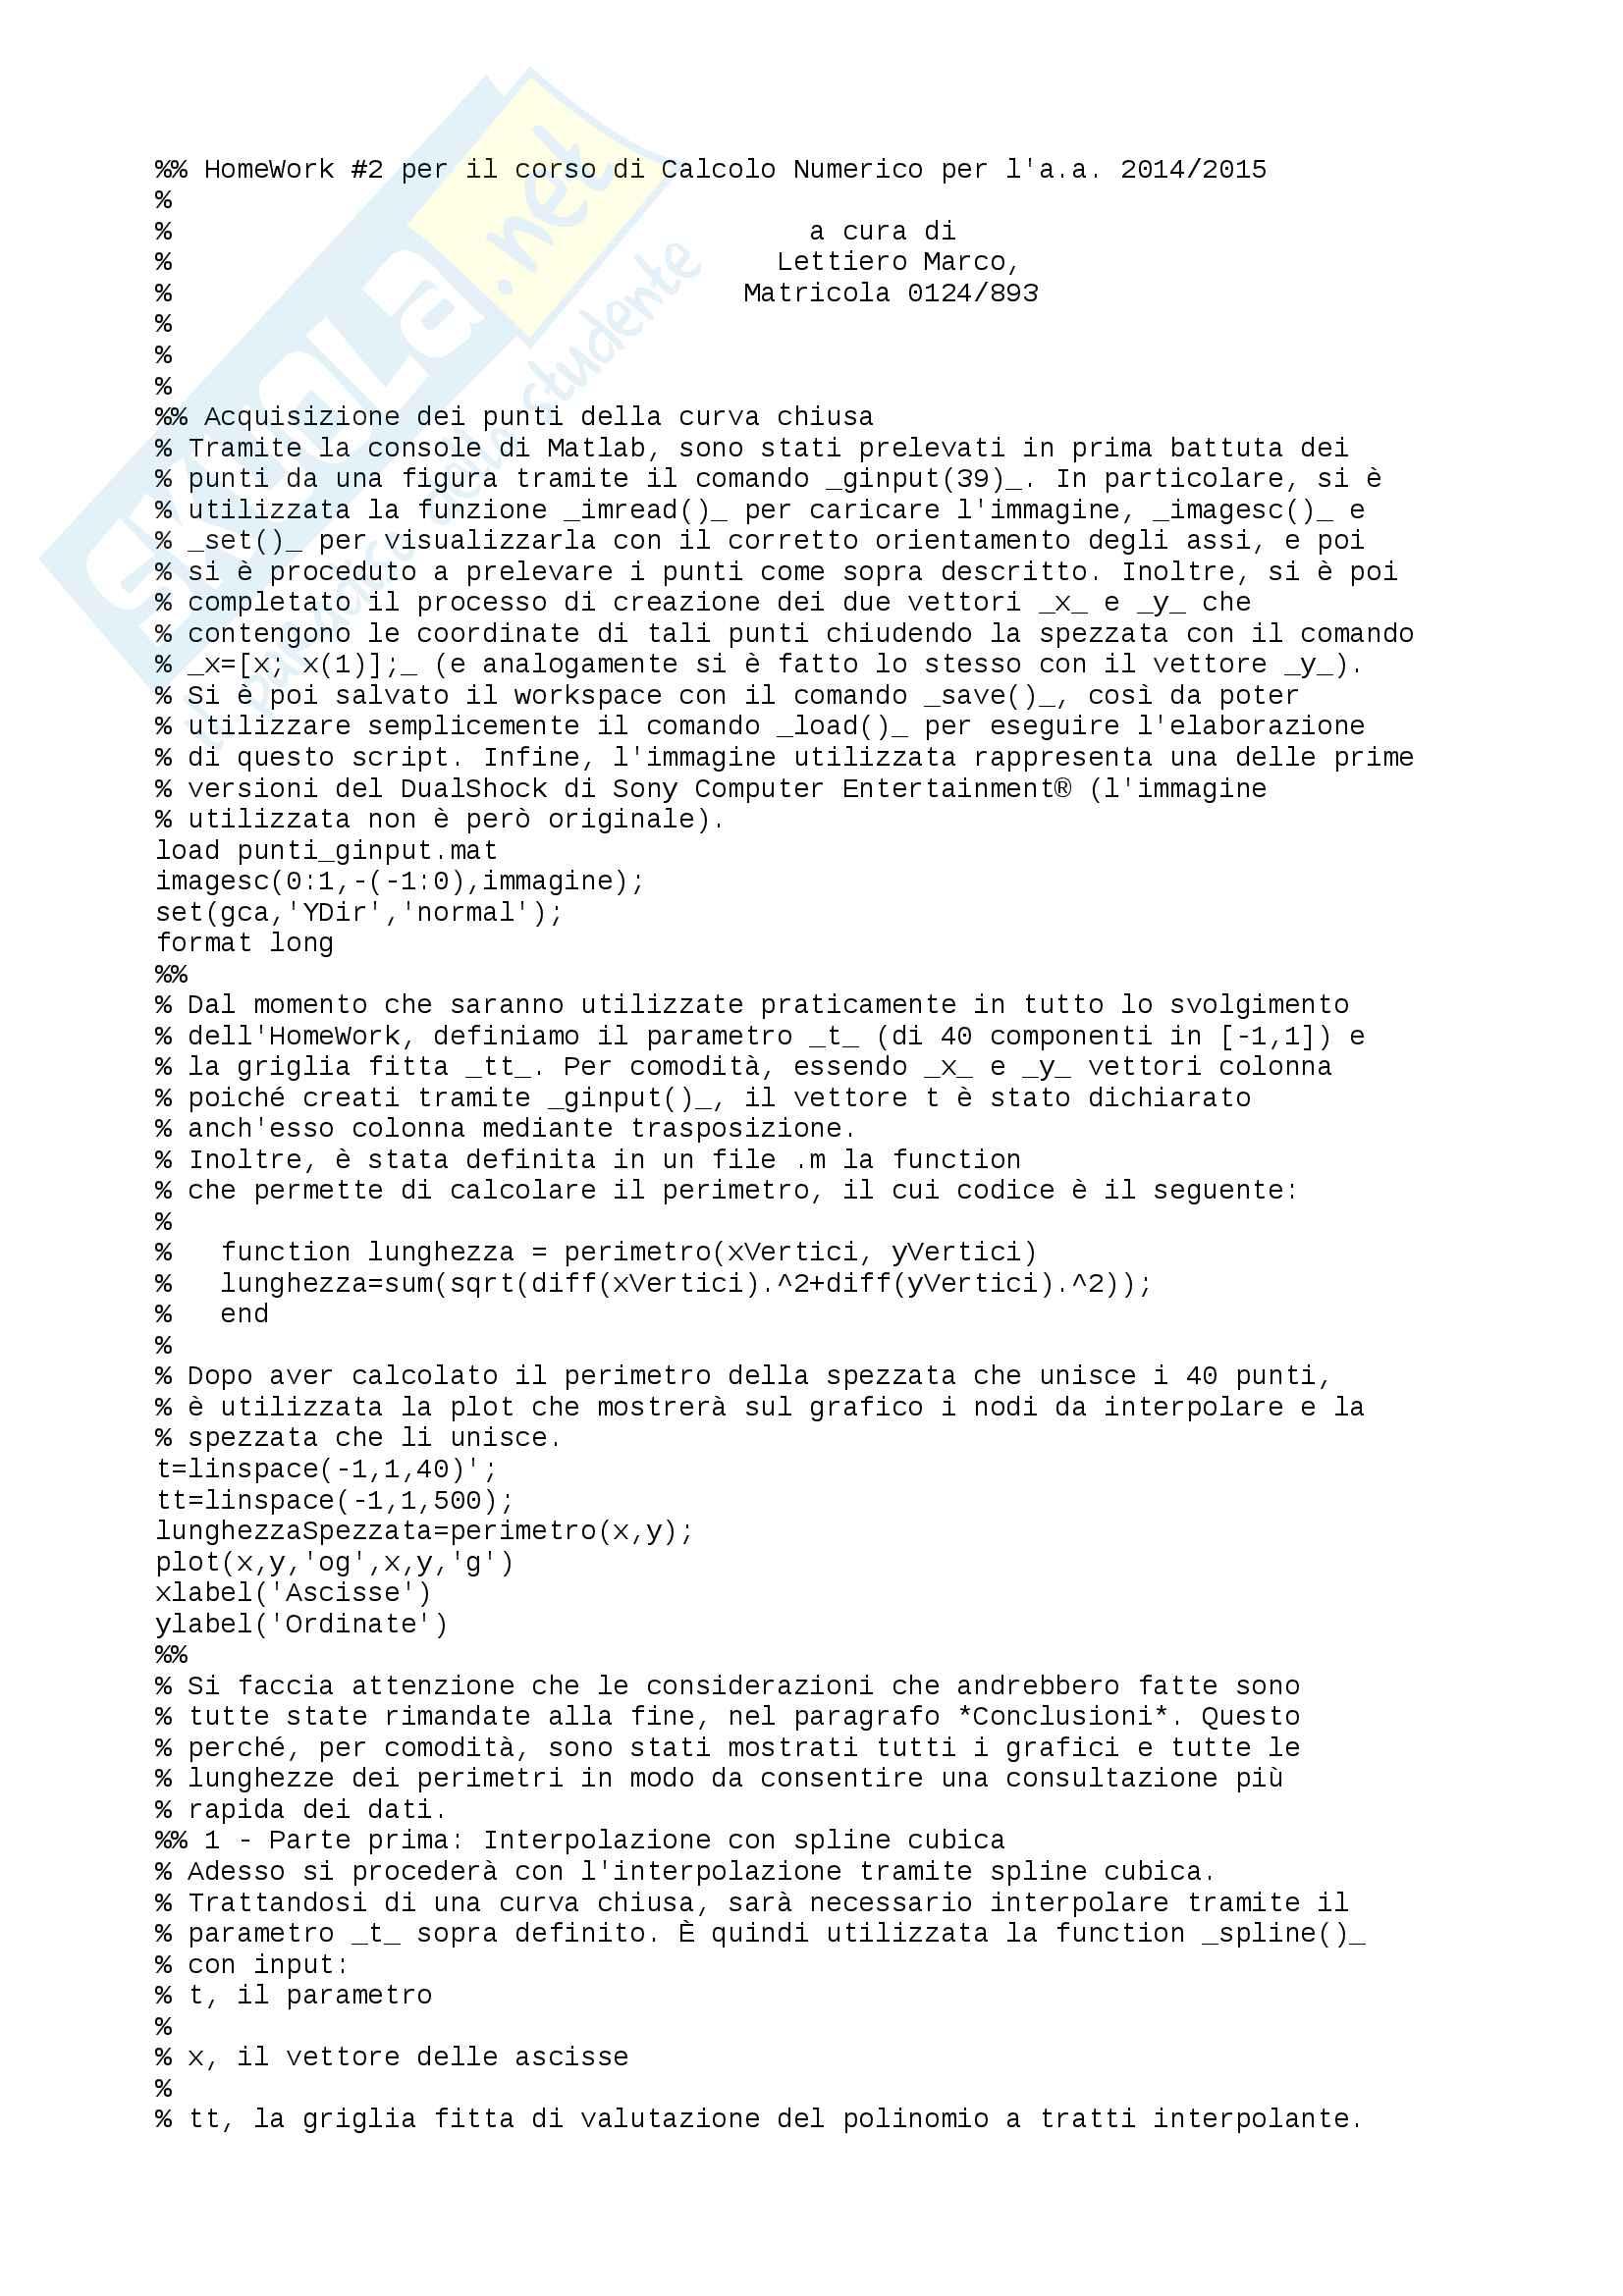 Appunti Calcolo Numerico via HW2